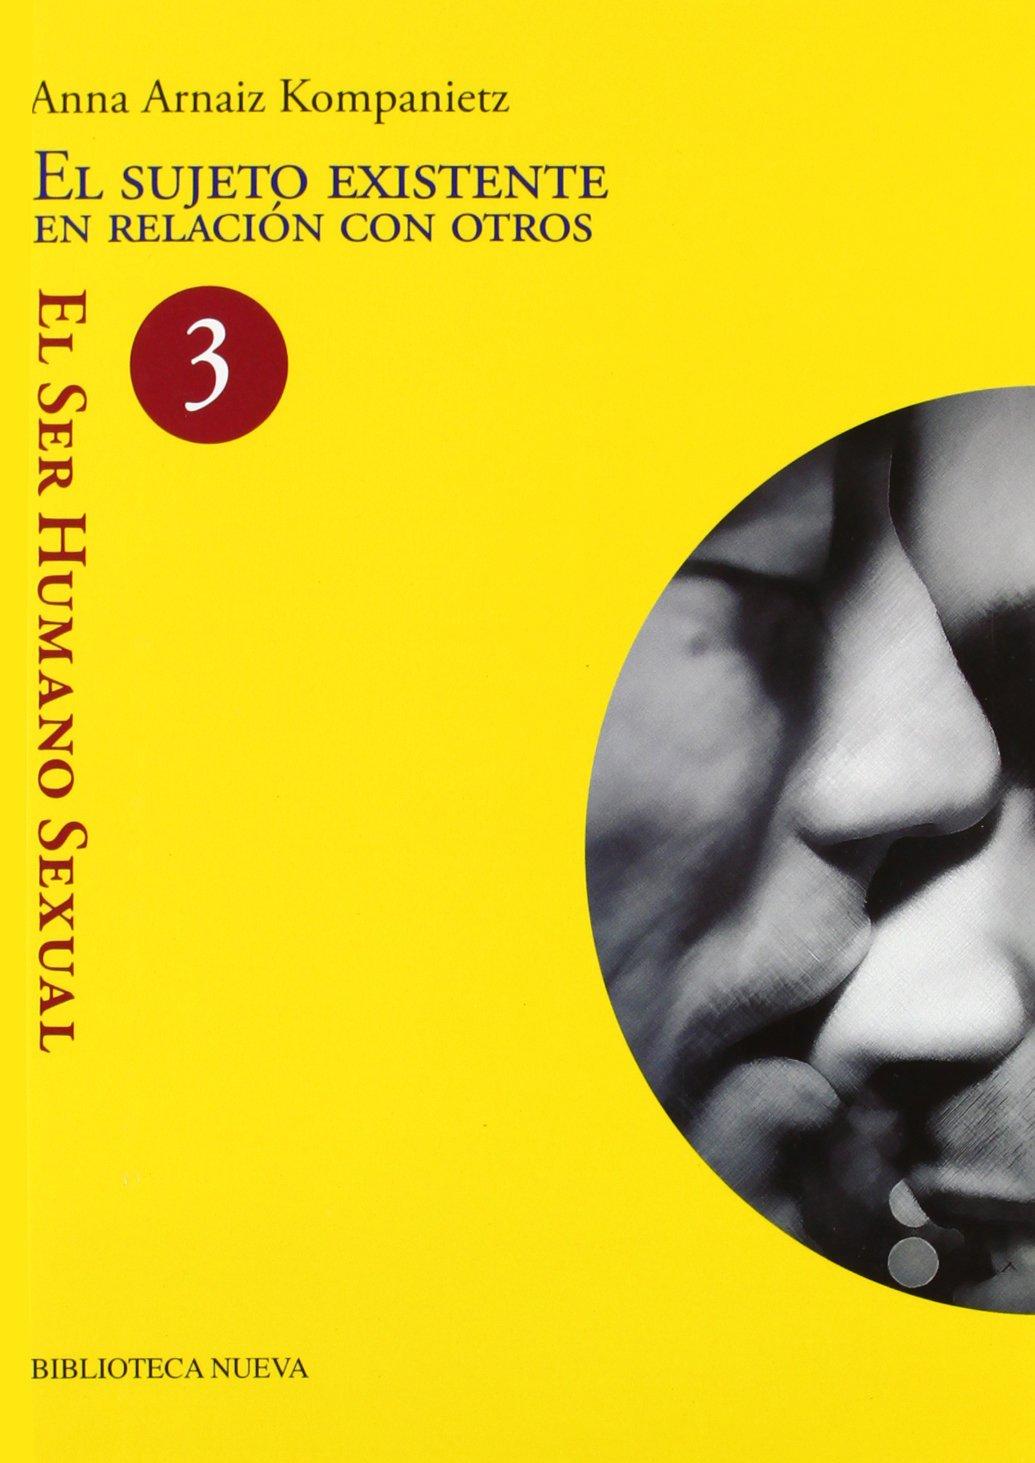 El sujeto existente en relación con otros: El ser humano sexual 3 Biblioteca de la sexualidad: Amazon.es: Ana Arnaiz Kompanietz: Libros